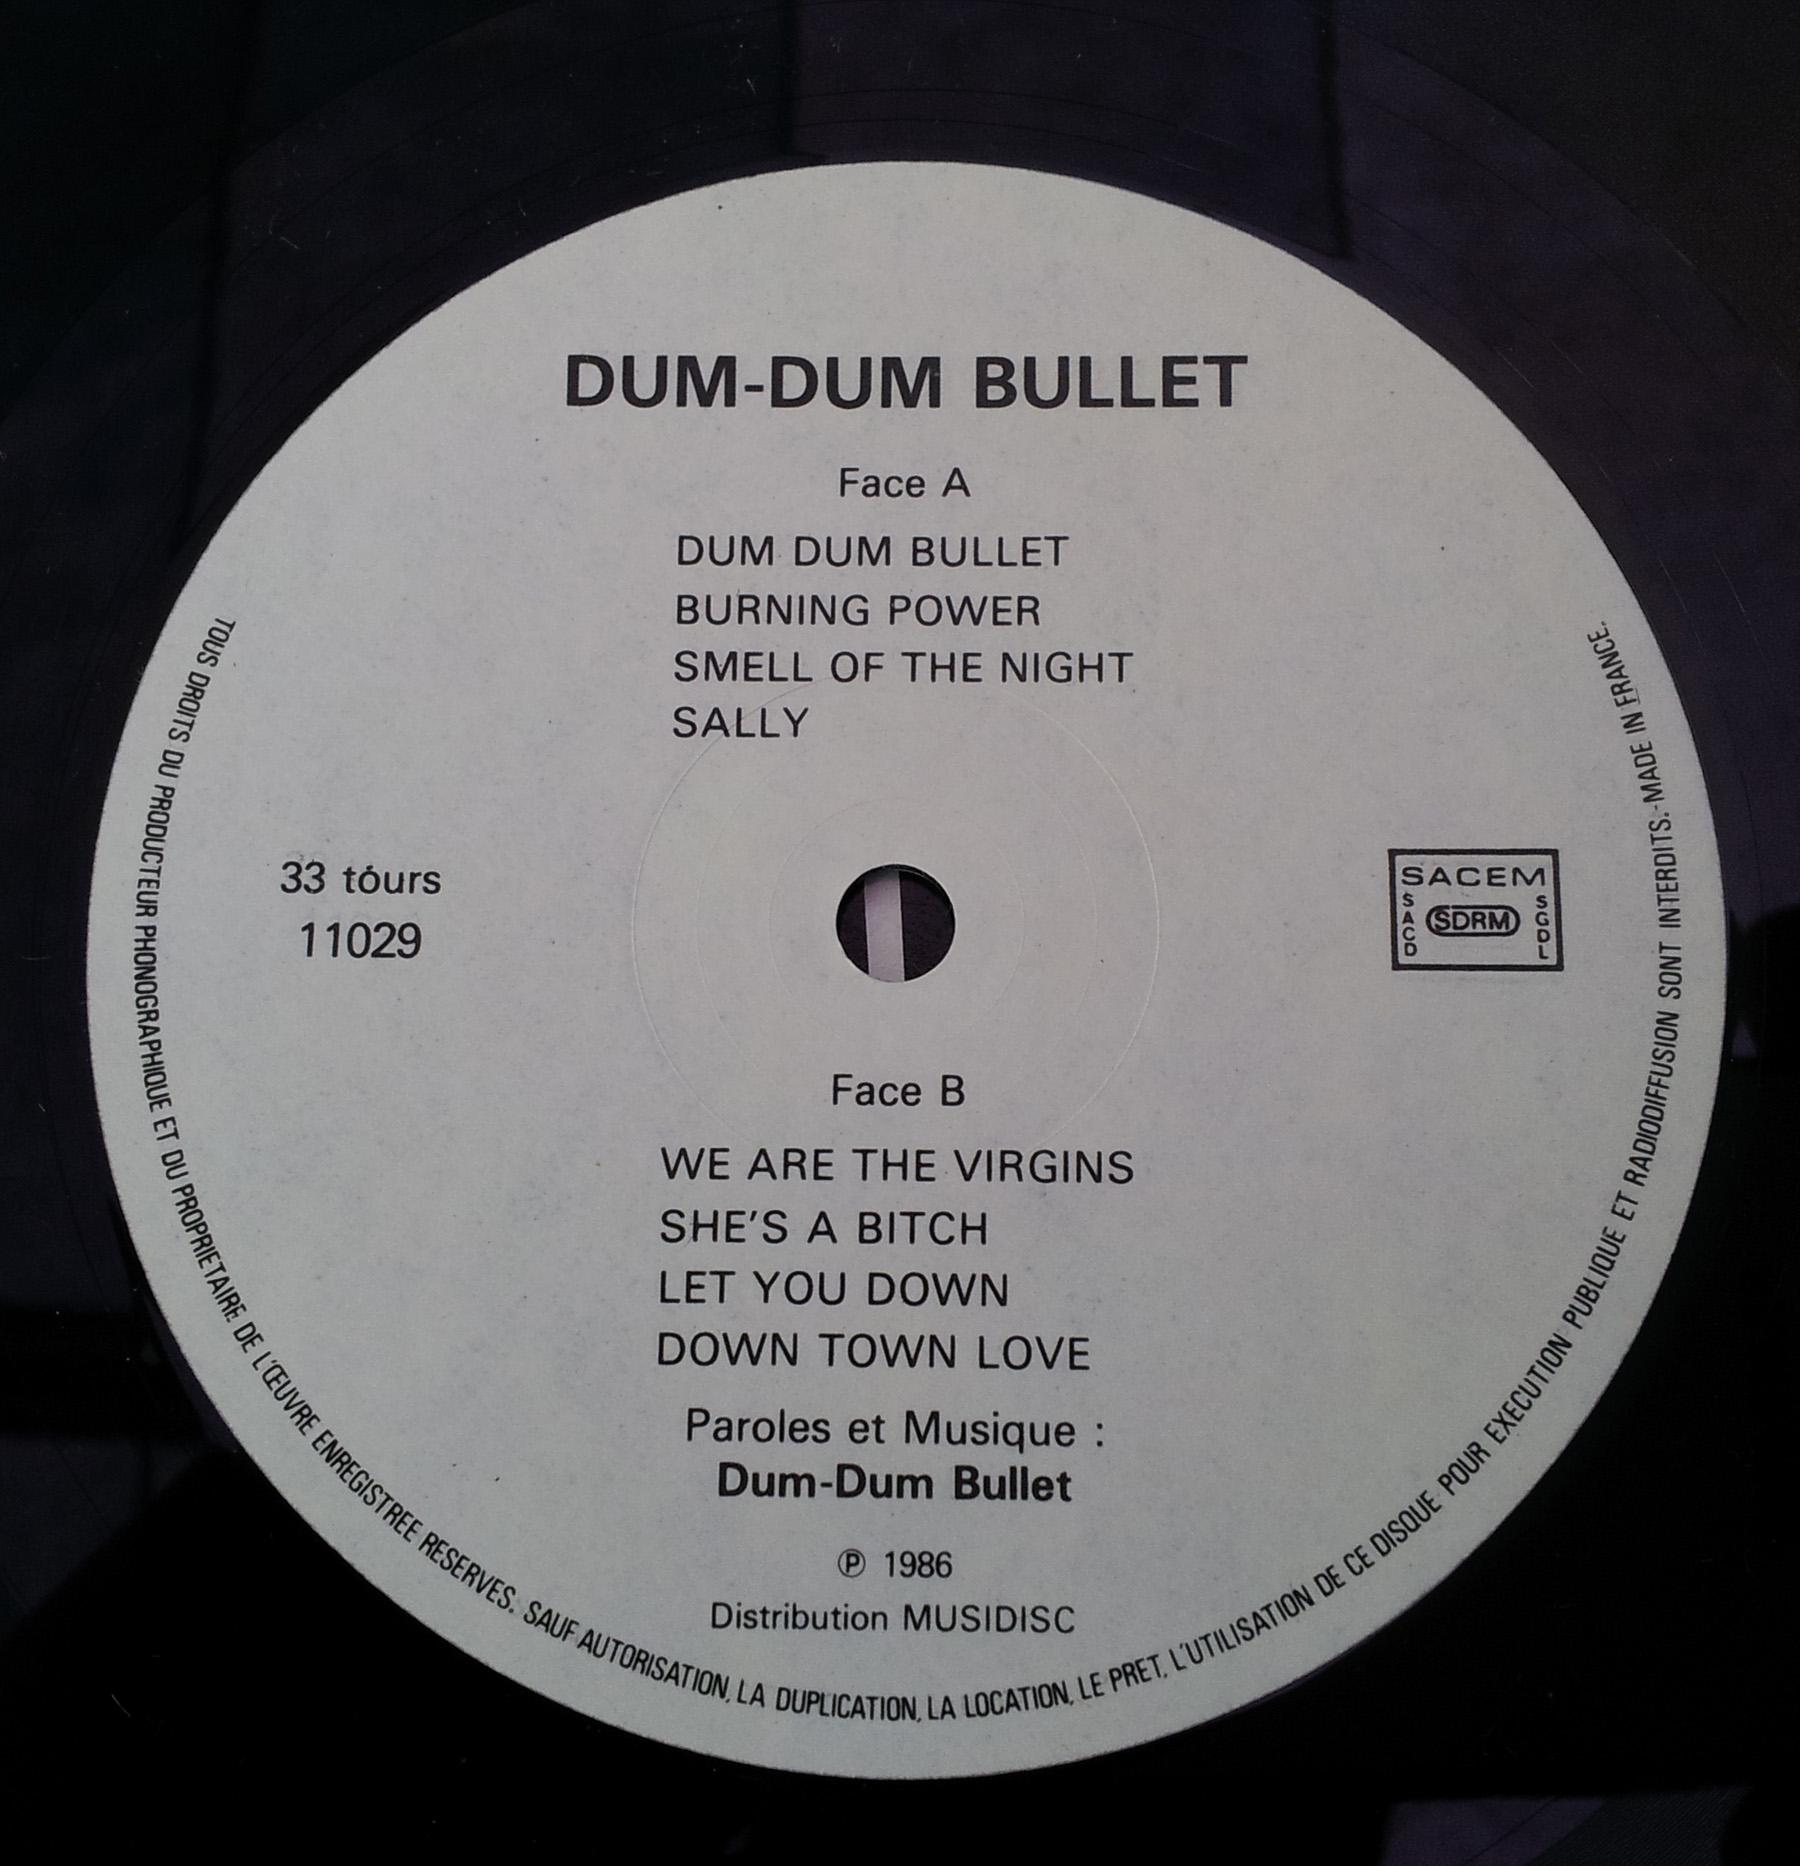 DUM DUM BULLET 1er album (1986) 33 tours - le vinyle vu de plus près ...   Dum_du13